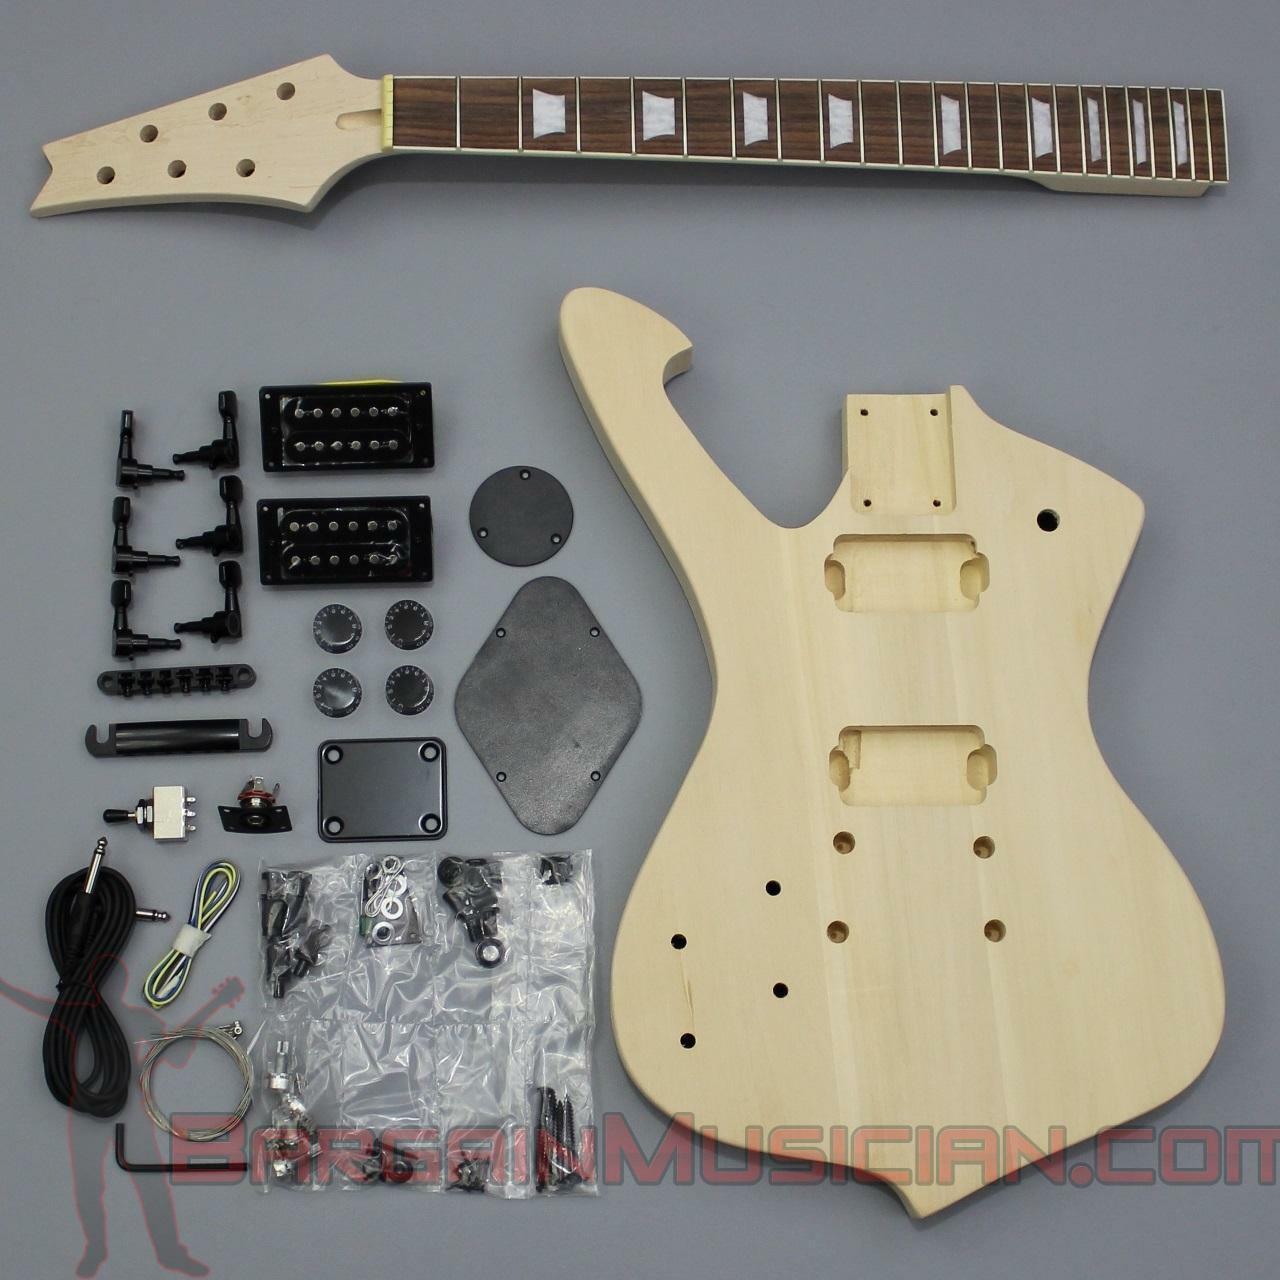 Bargain Musician - GK-021L - LEFT Hand DIY Unfinished Project Luthier Guitar Kit